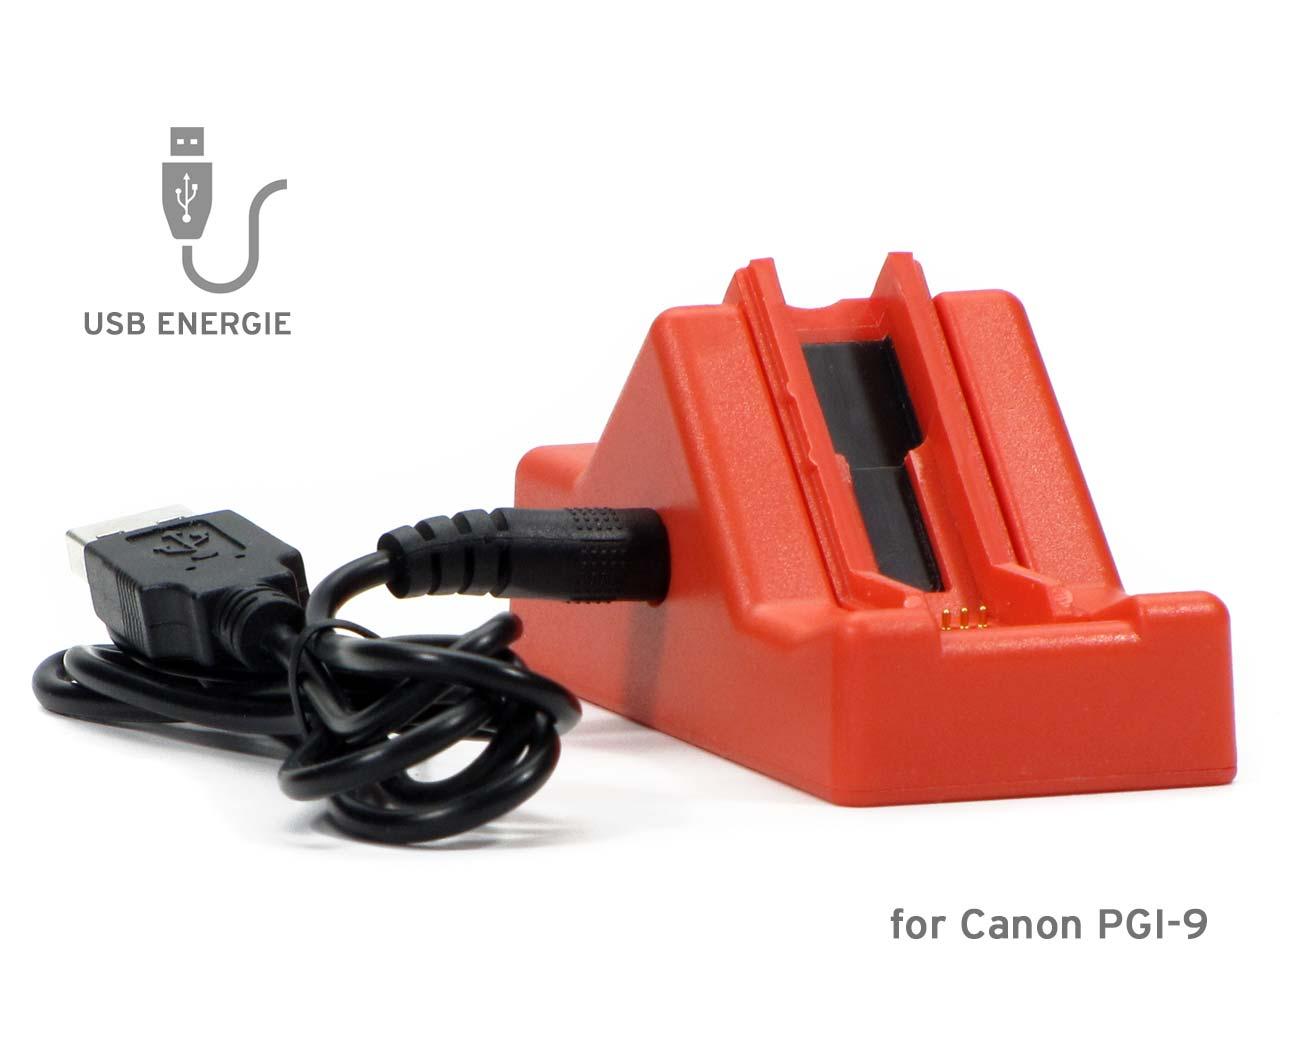 Chip resetter per Canon PGI-9, Pixma Pro 9500 con funzionamento USB